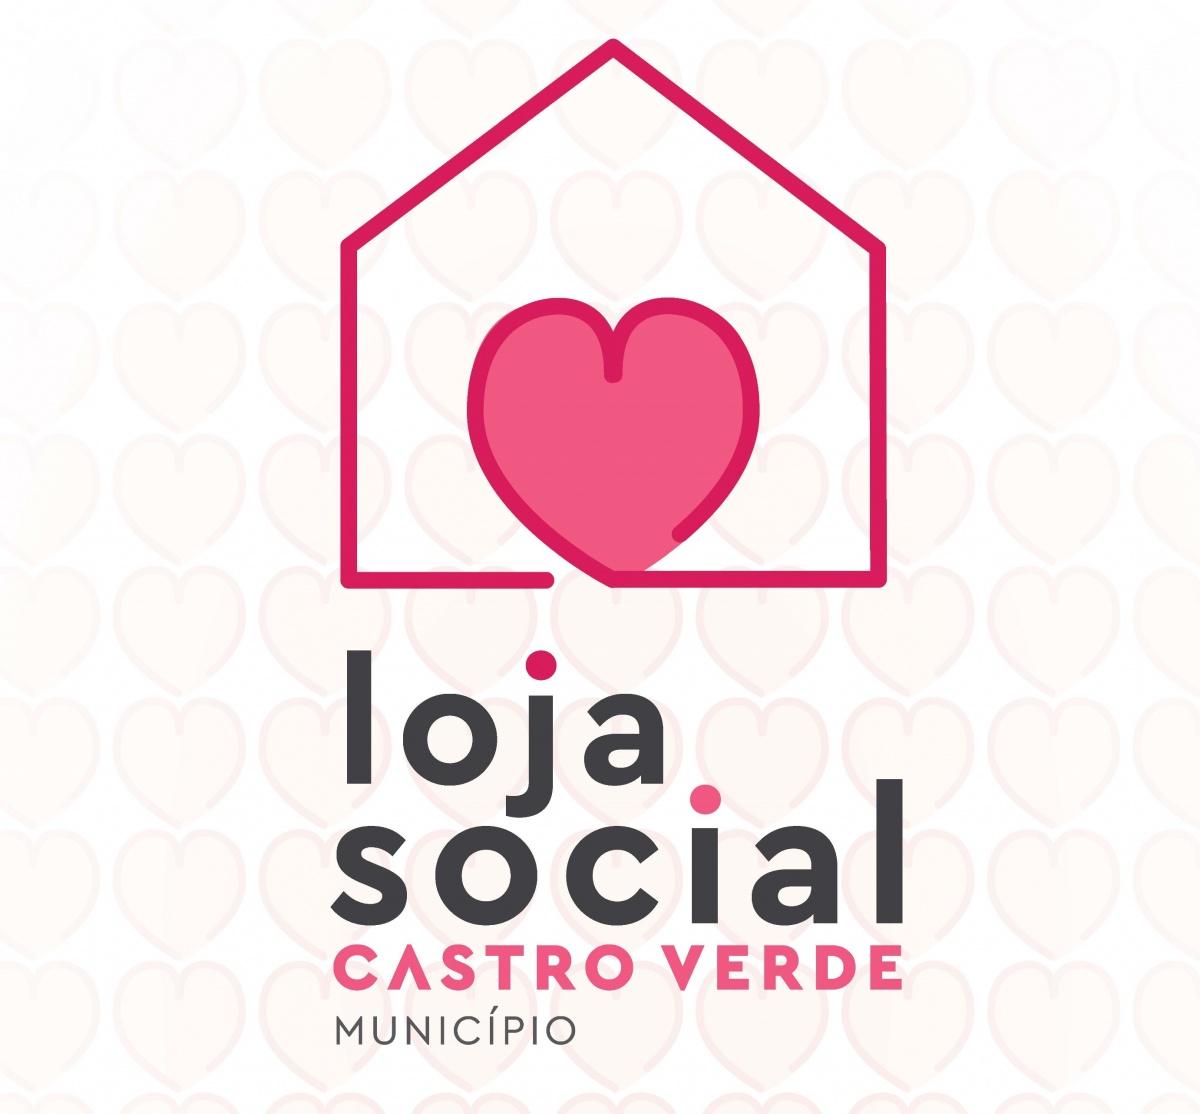 Loja Social Castro Verde